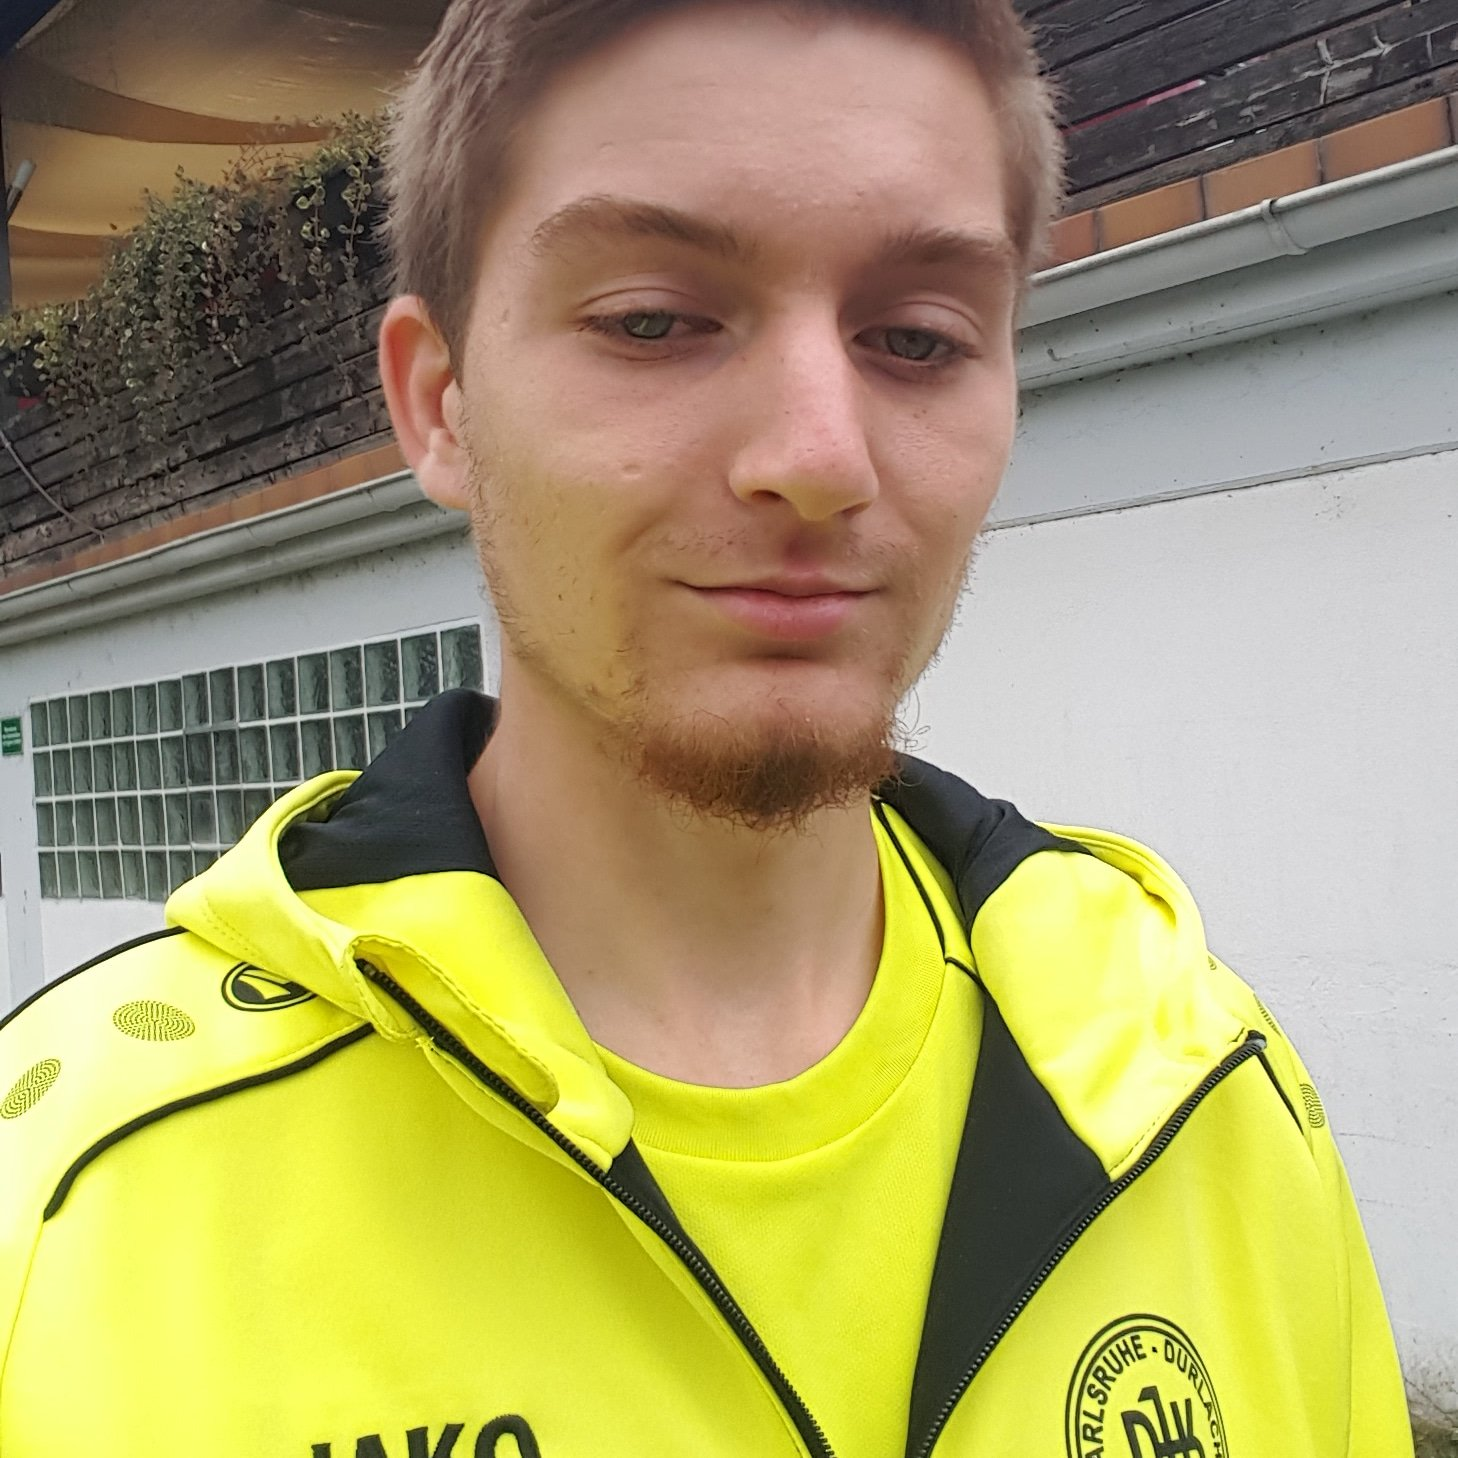 Maurice  aus Baden-Württemberg,Deutschland